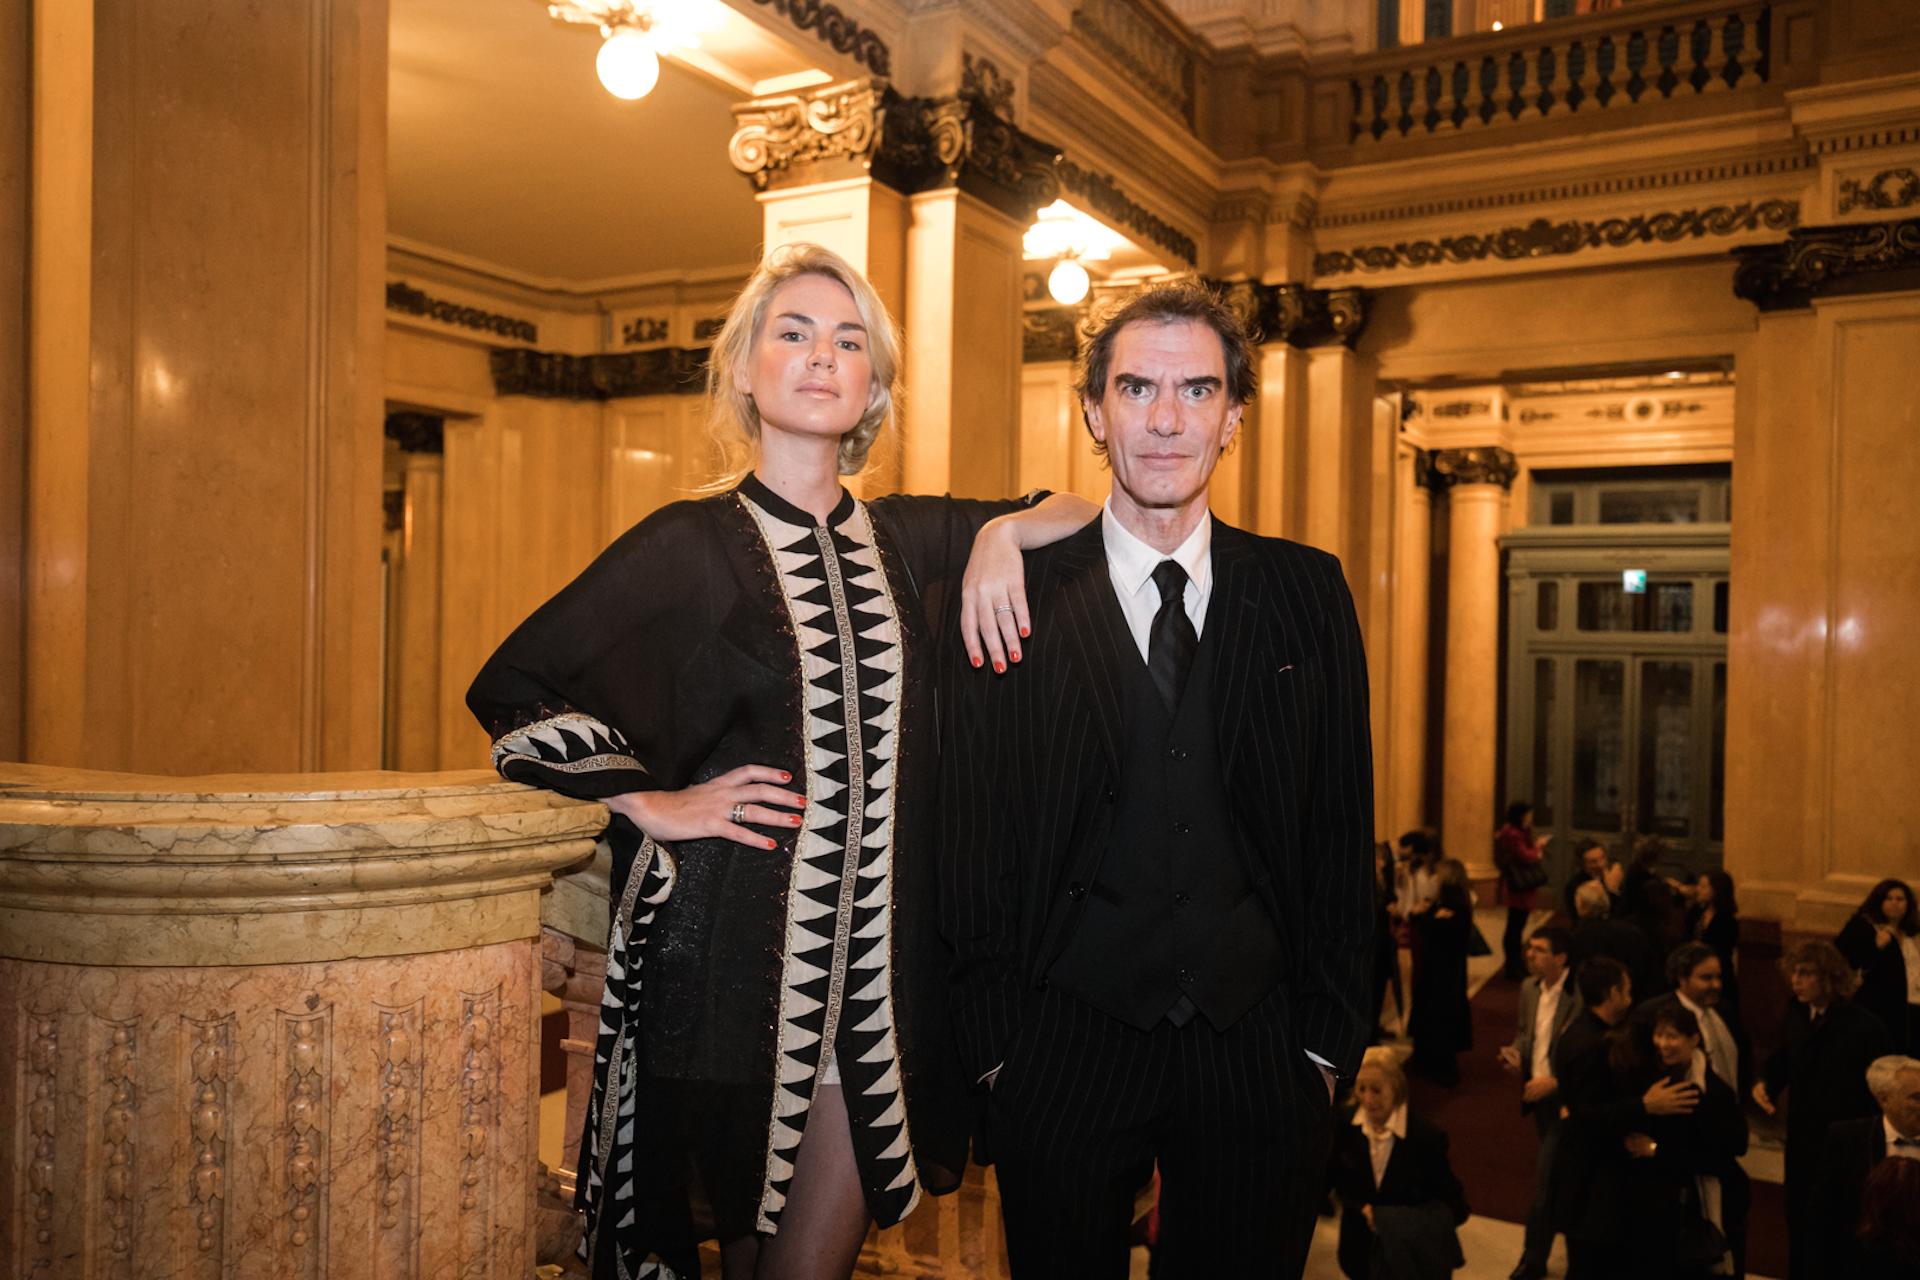 Lopérfido junto a su ex, Esmeralda Mitre, en abril del 2017 en el Teatro Colón (Foto Archivo GENTE)